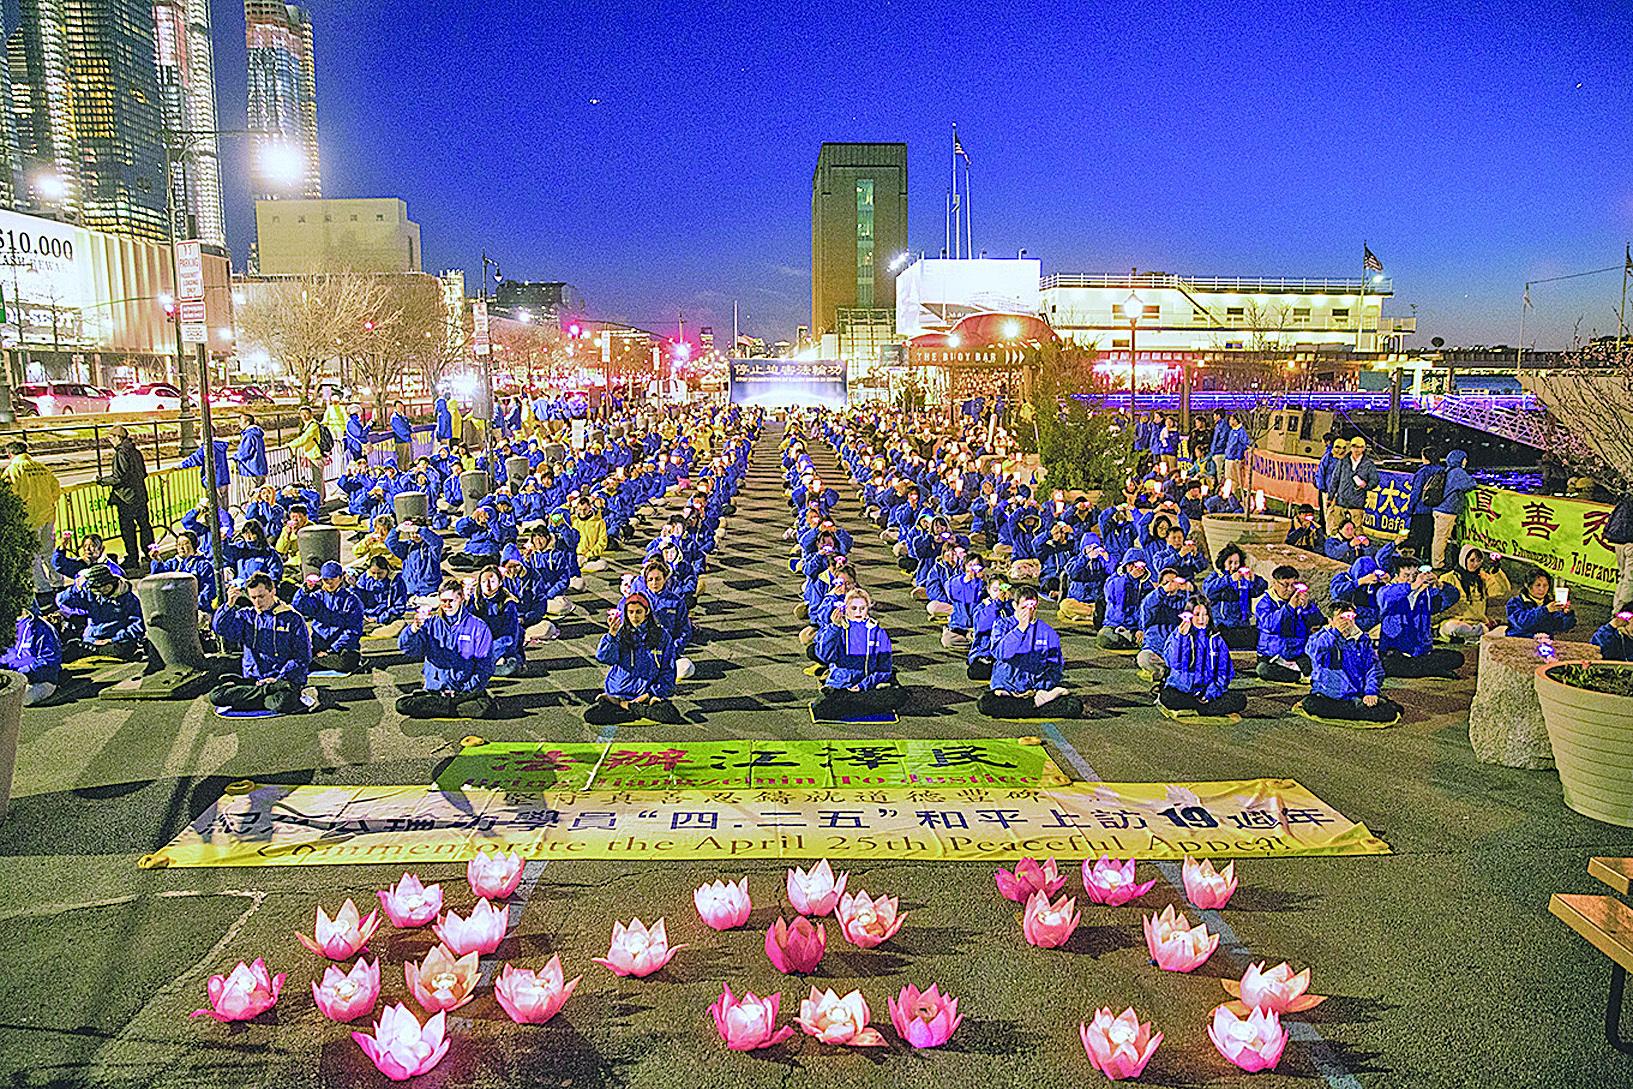 2018年4月22日,紐約法輪功學員在紐約中領館前舉行燭光悼念,紀念「4‧25」法輪功和平上訪十九周年。(戴兵/大紀元)